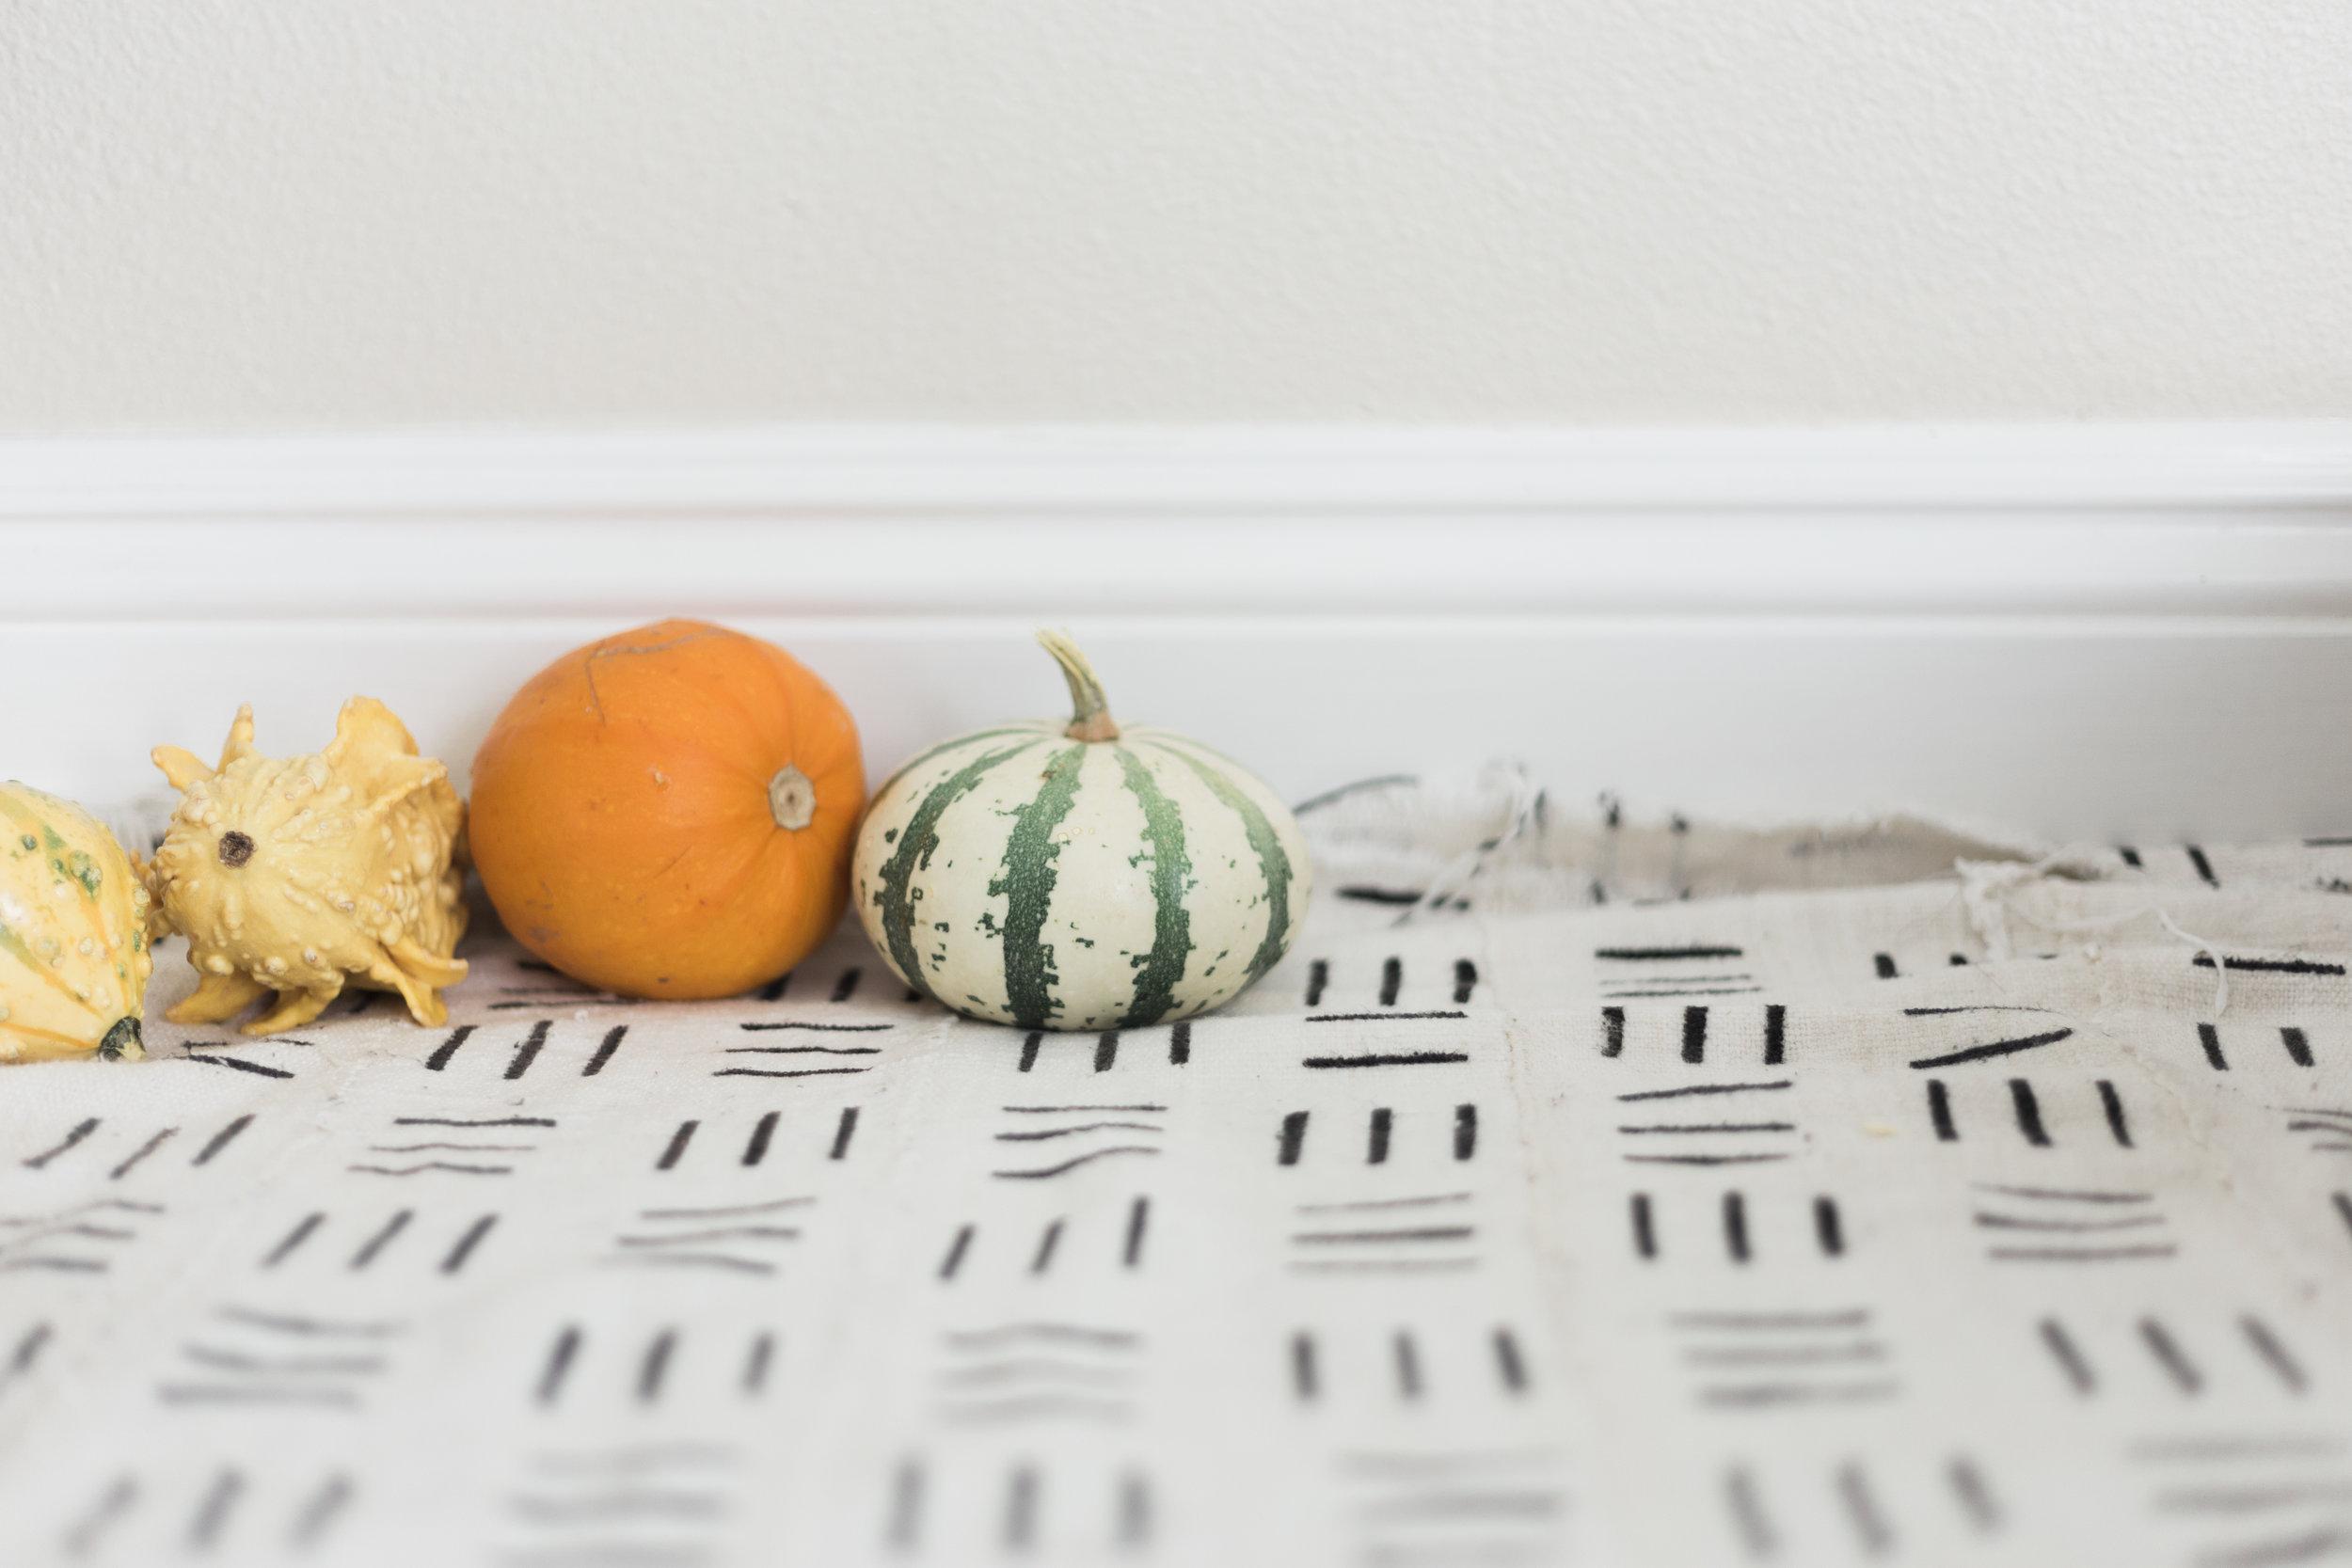 ^^^she lined those pumpkins up!